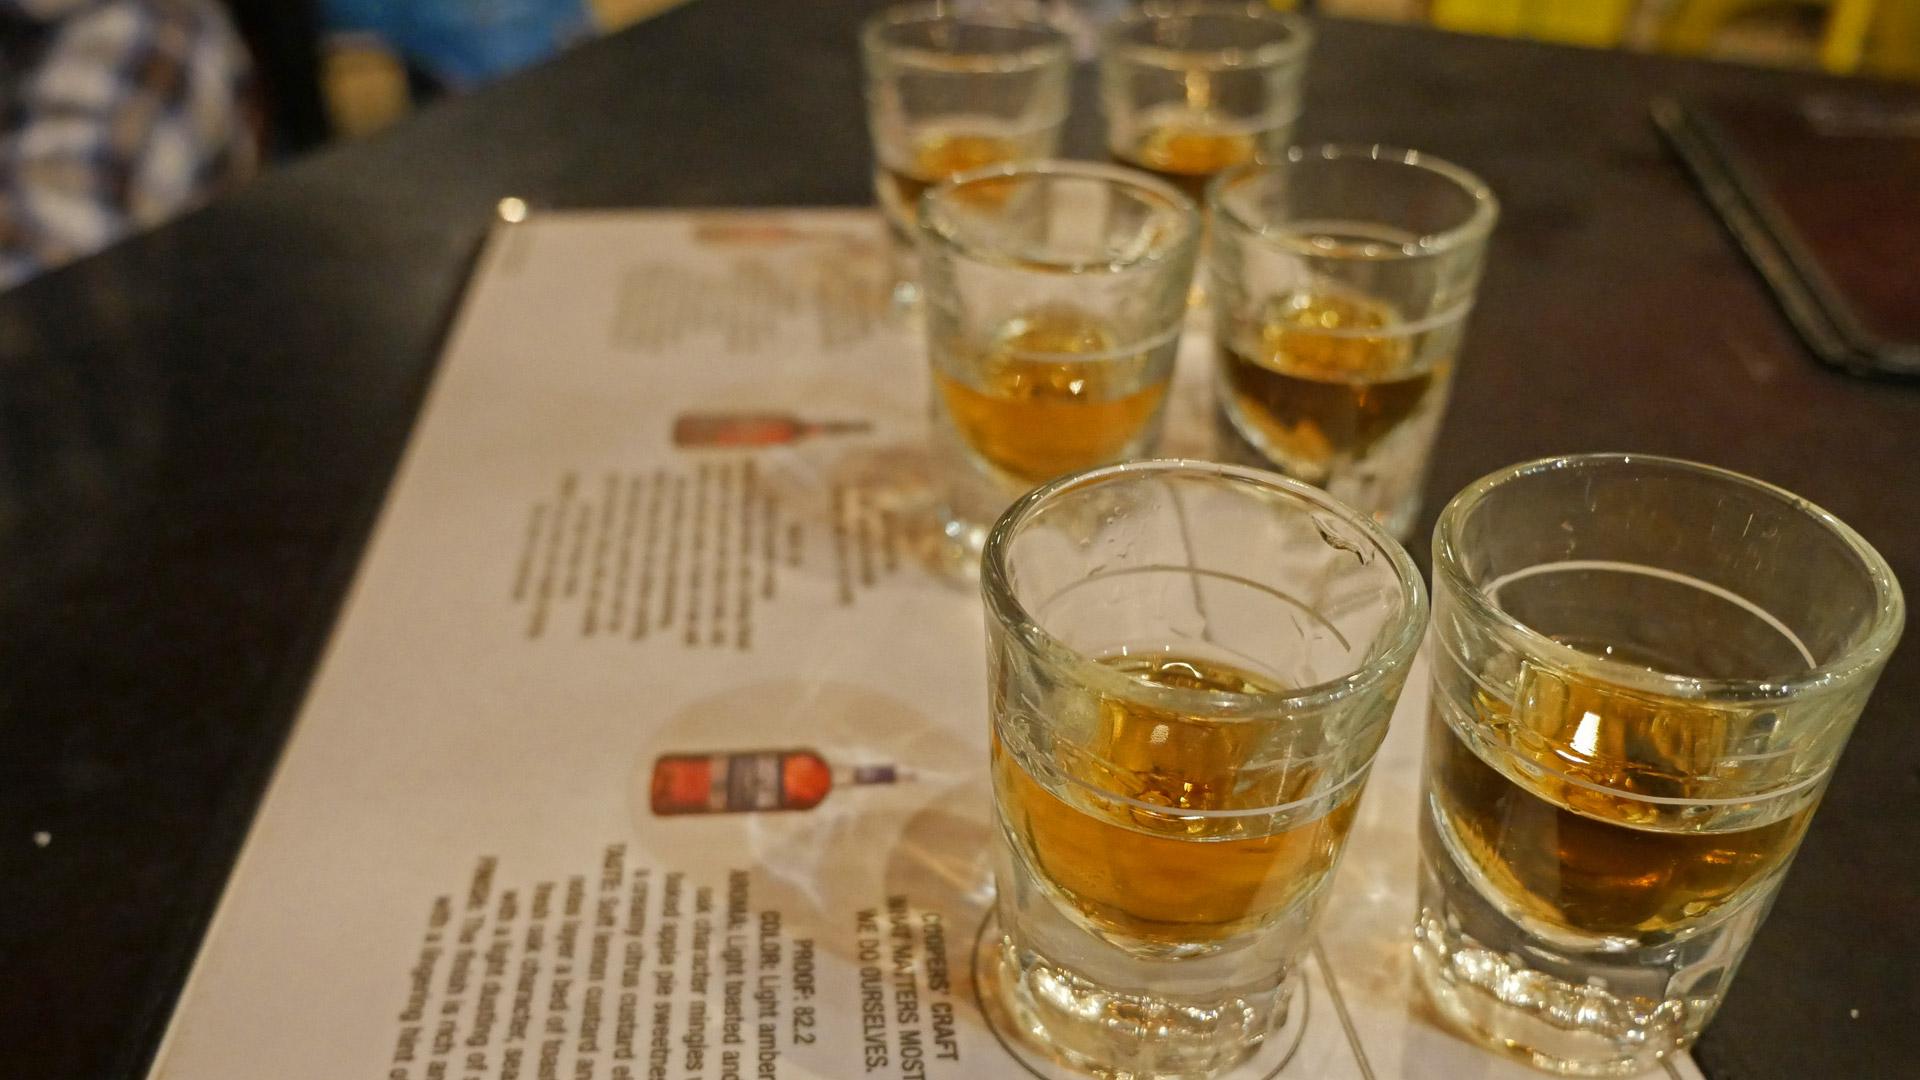 Single Malts werden häufig pur aus Nosing-Gläsern getrunken, Bourbons hingegen auch gemischt aus Whiskey-Tumblern. (Foto: Malt Whisky)